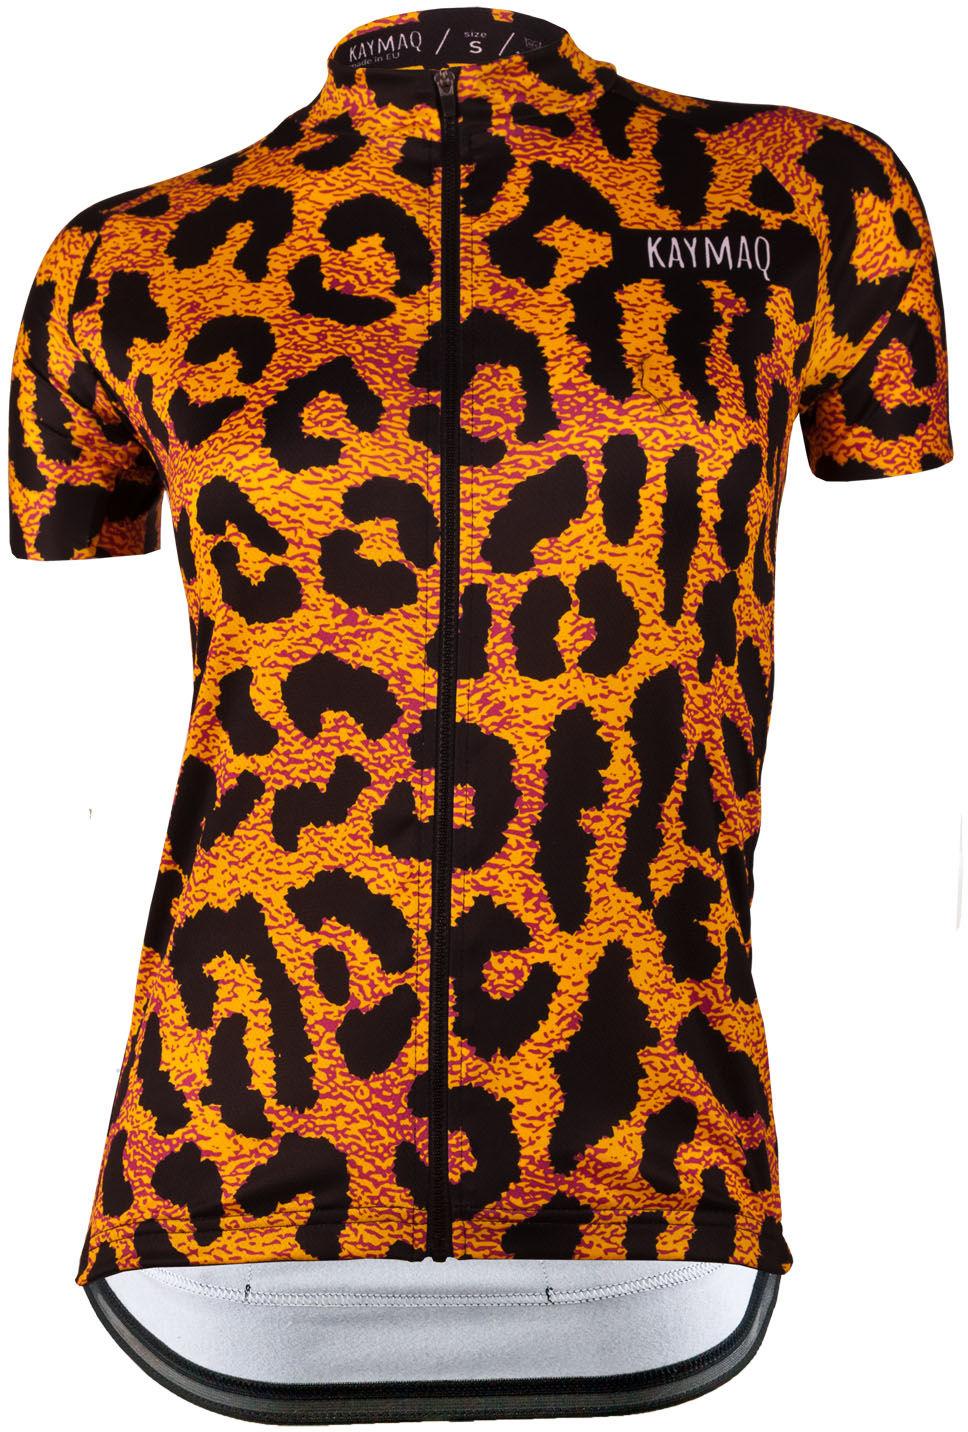 KAYMAQ DESIGN W30 damska koszulka rowerowa krótki rękaw Rozmiar: M,KYMQ-W30-KOSZ